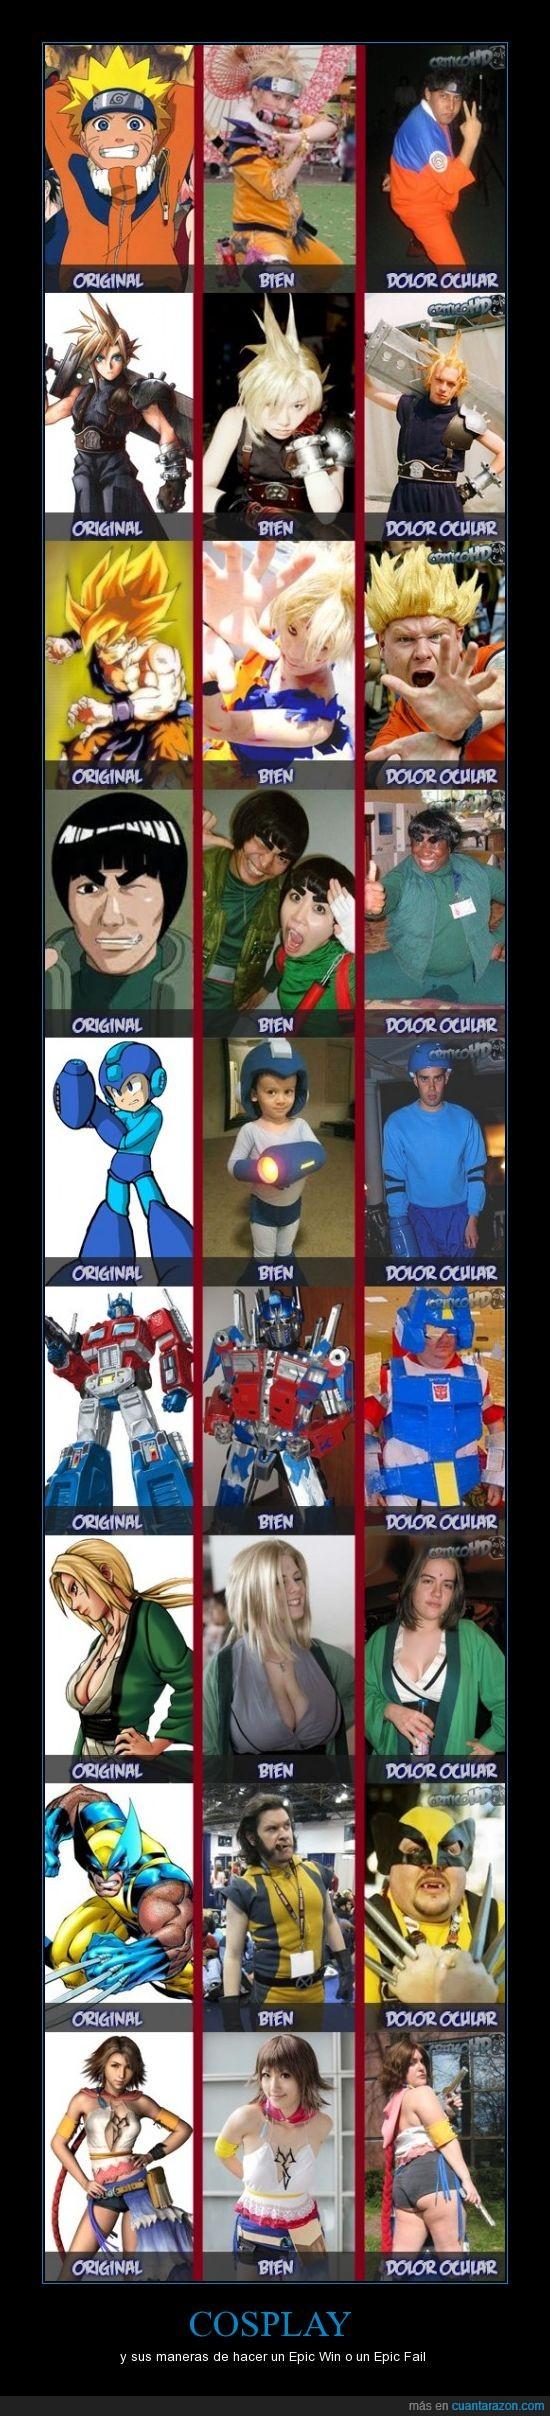 cosplay,fail,frikis,ladygaga,win